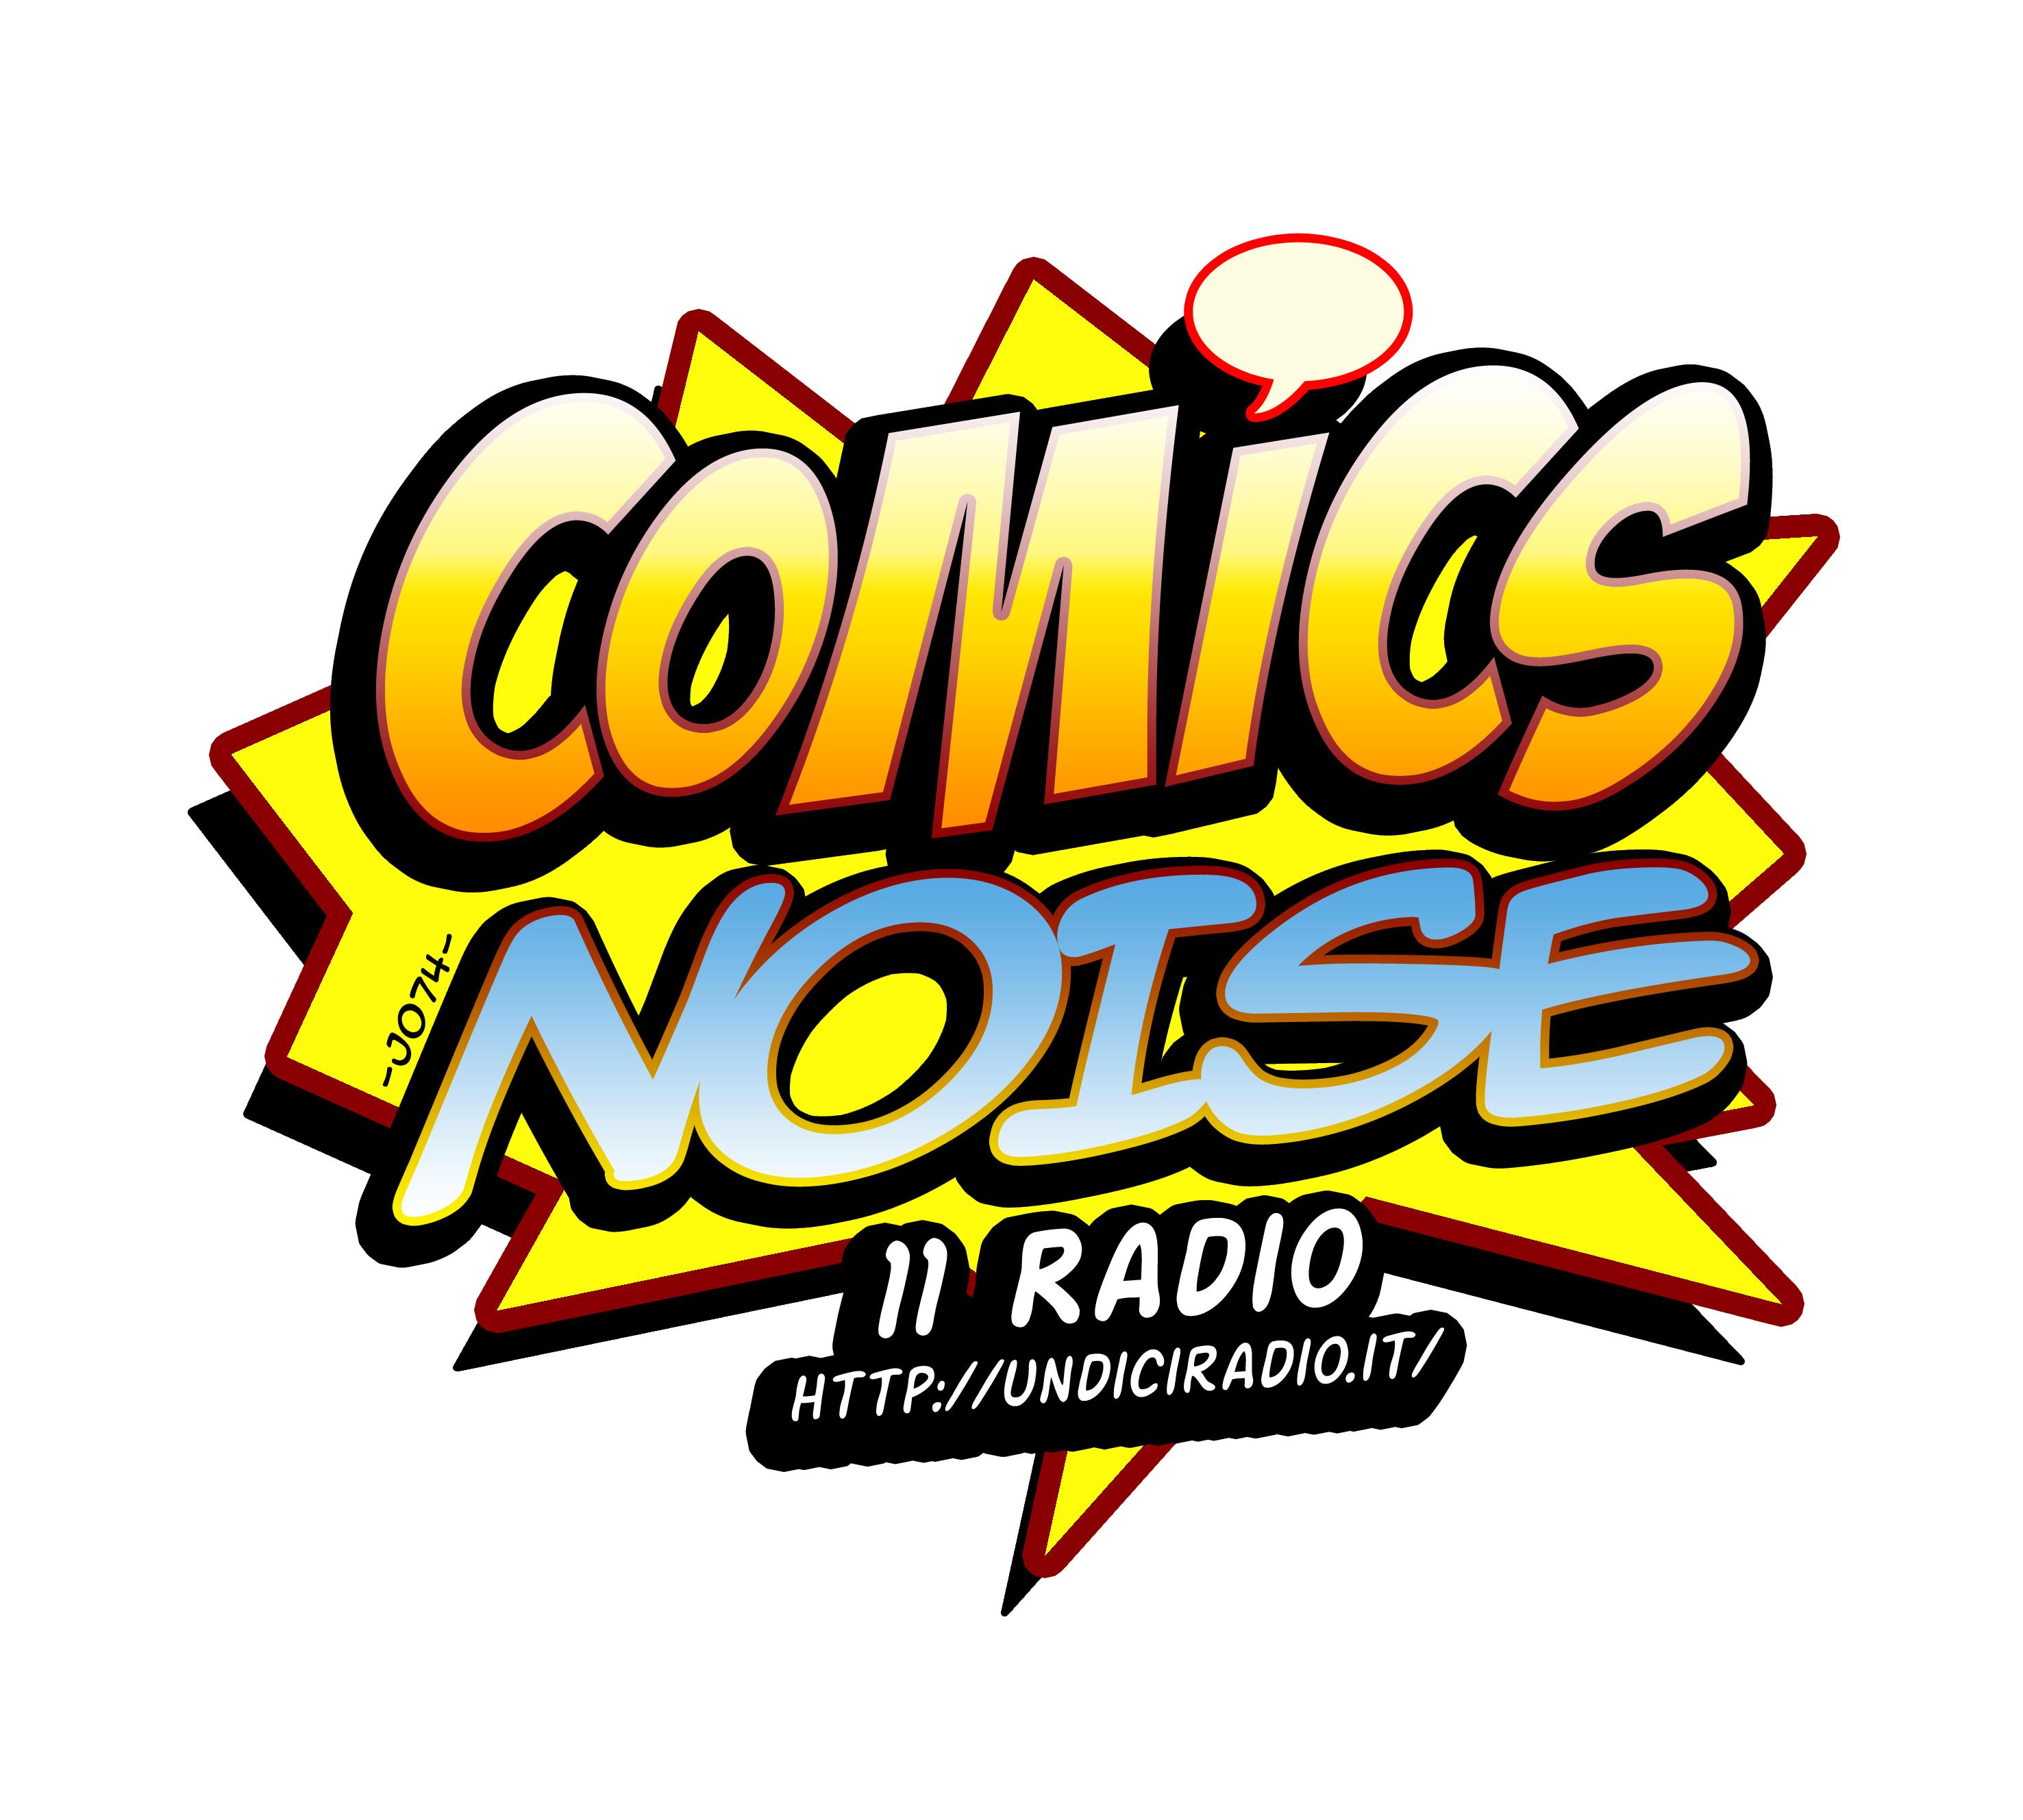 COMICS NOISE 1